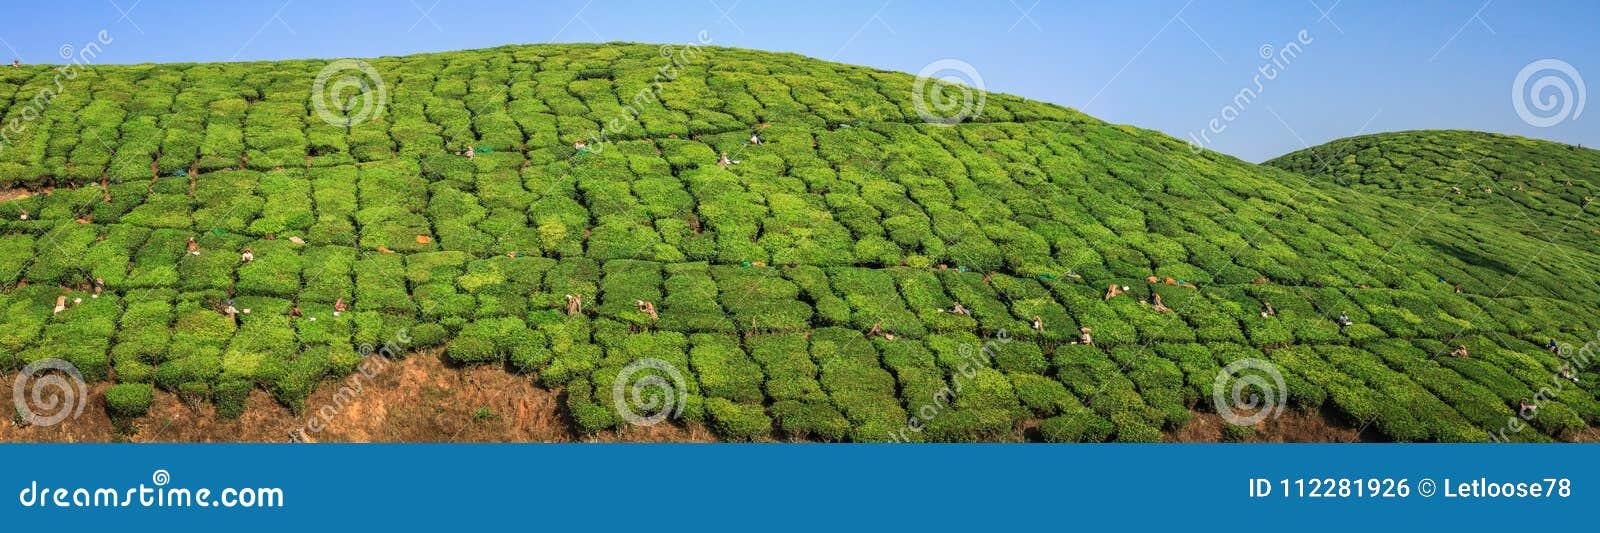 Opinión panorámica sobre los trabajadores del té que cosechan té en las colinas y las montañas enormes verdes de la plantación de